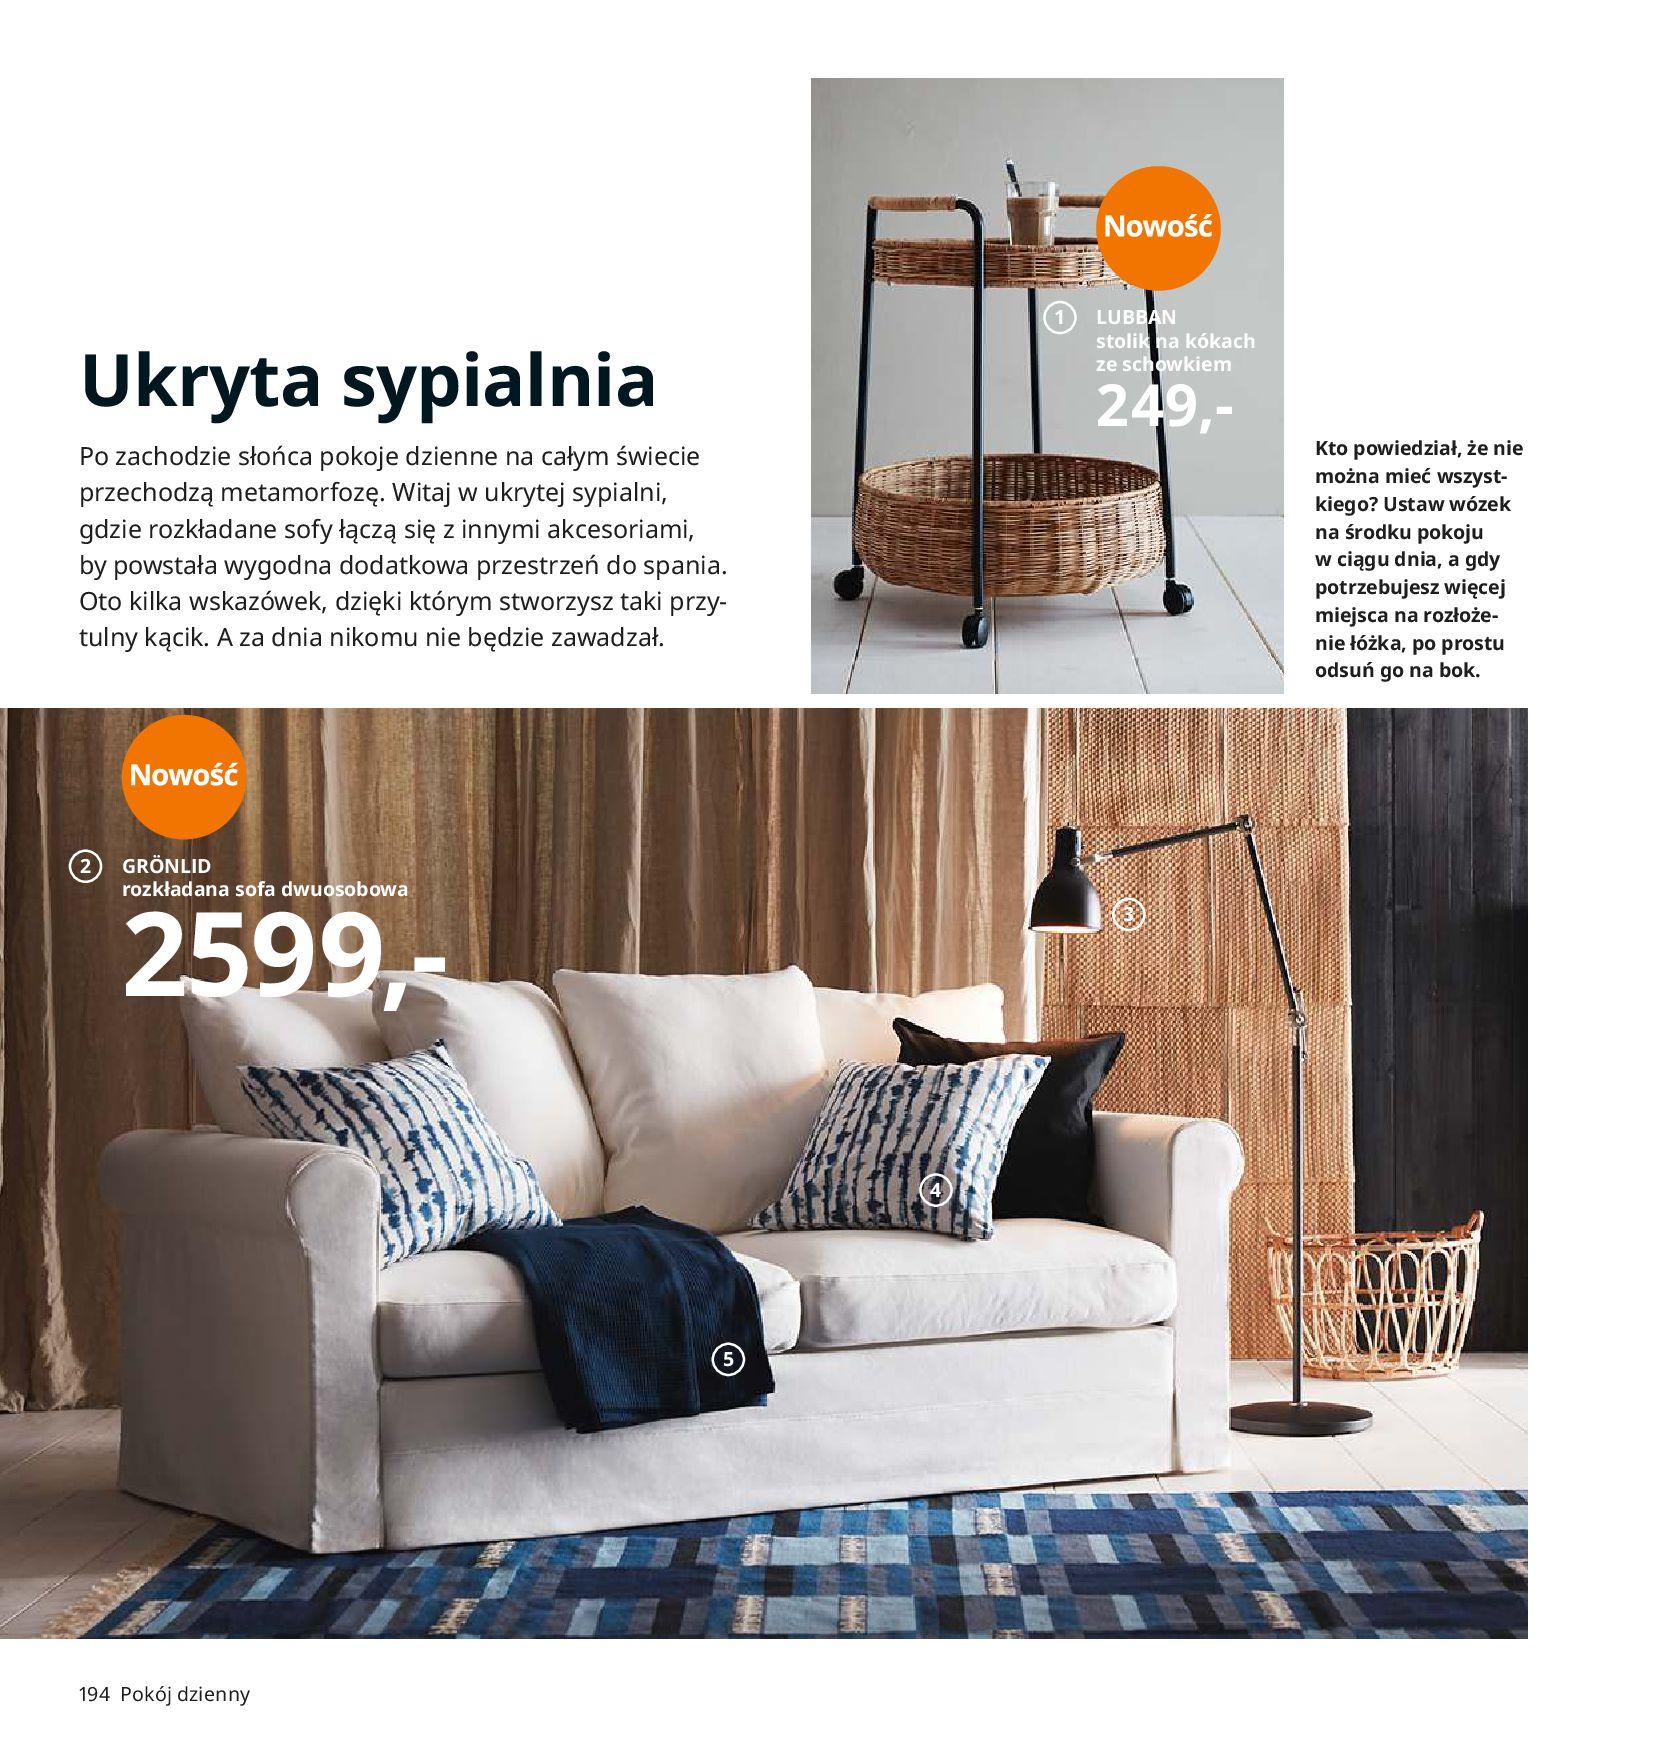 Gazetka IKEA - Katalog IKEA 2020-25.08.2019-31.07.2020-page-194